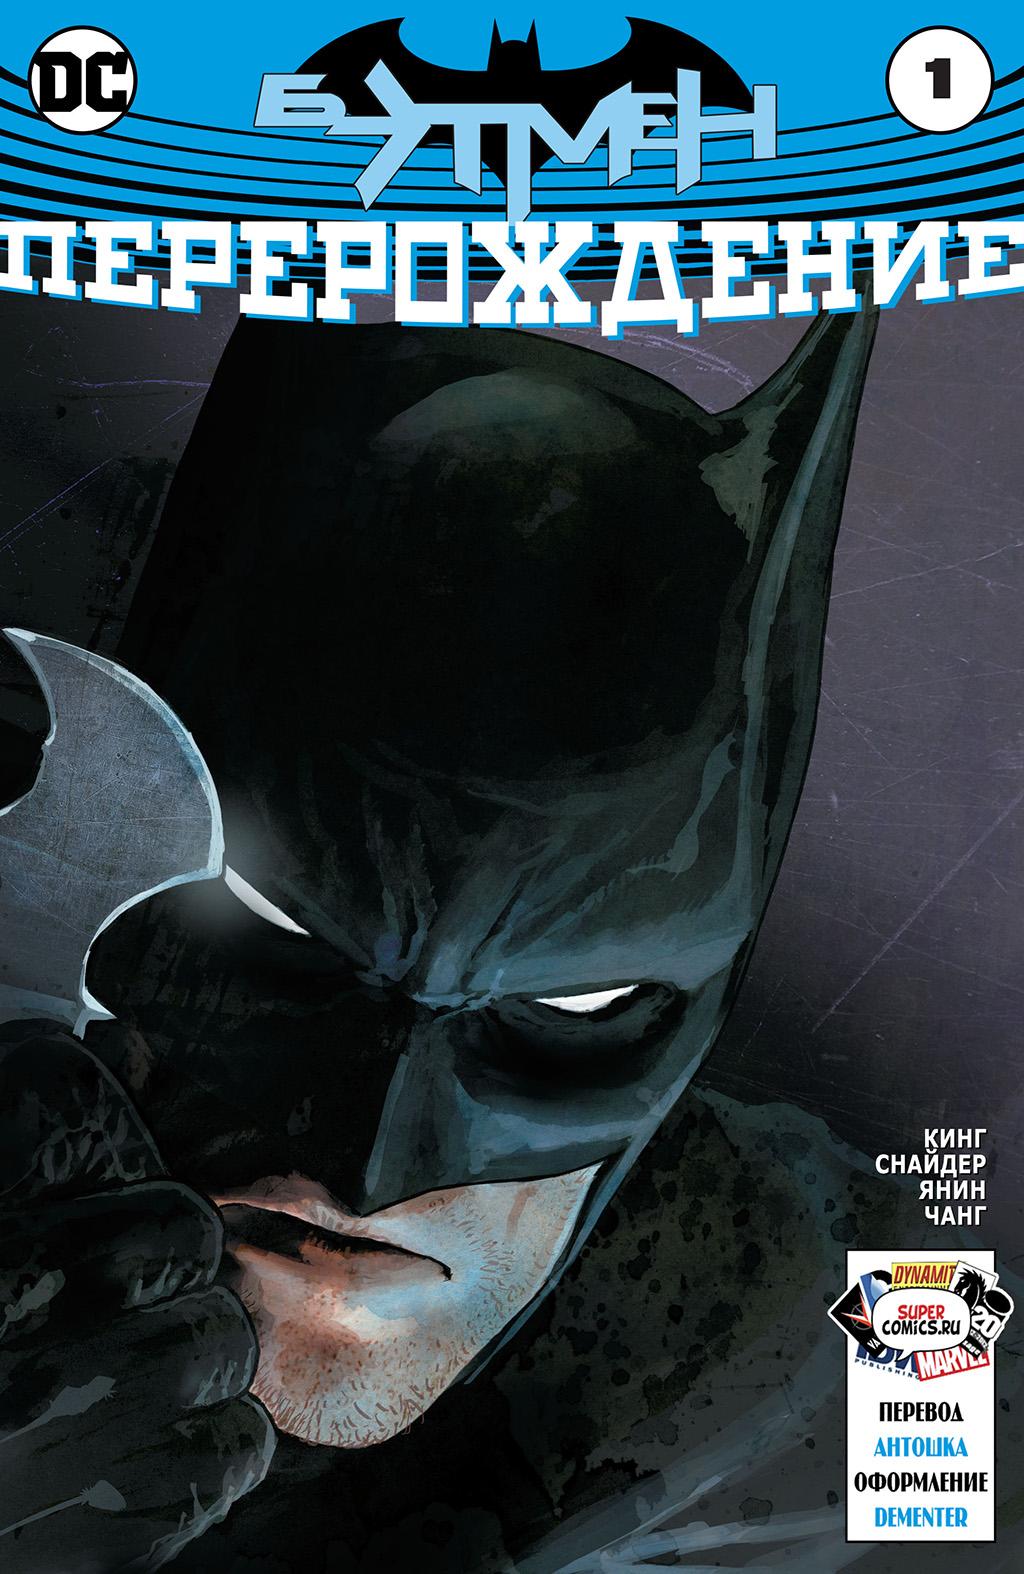 Комикс Все-Звезды Бэтмен